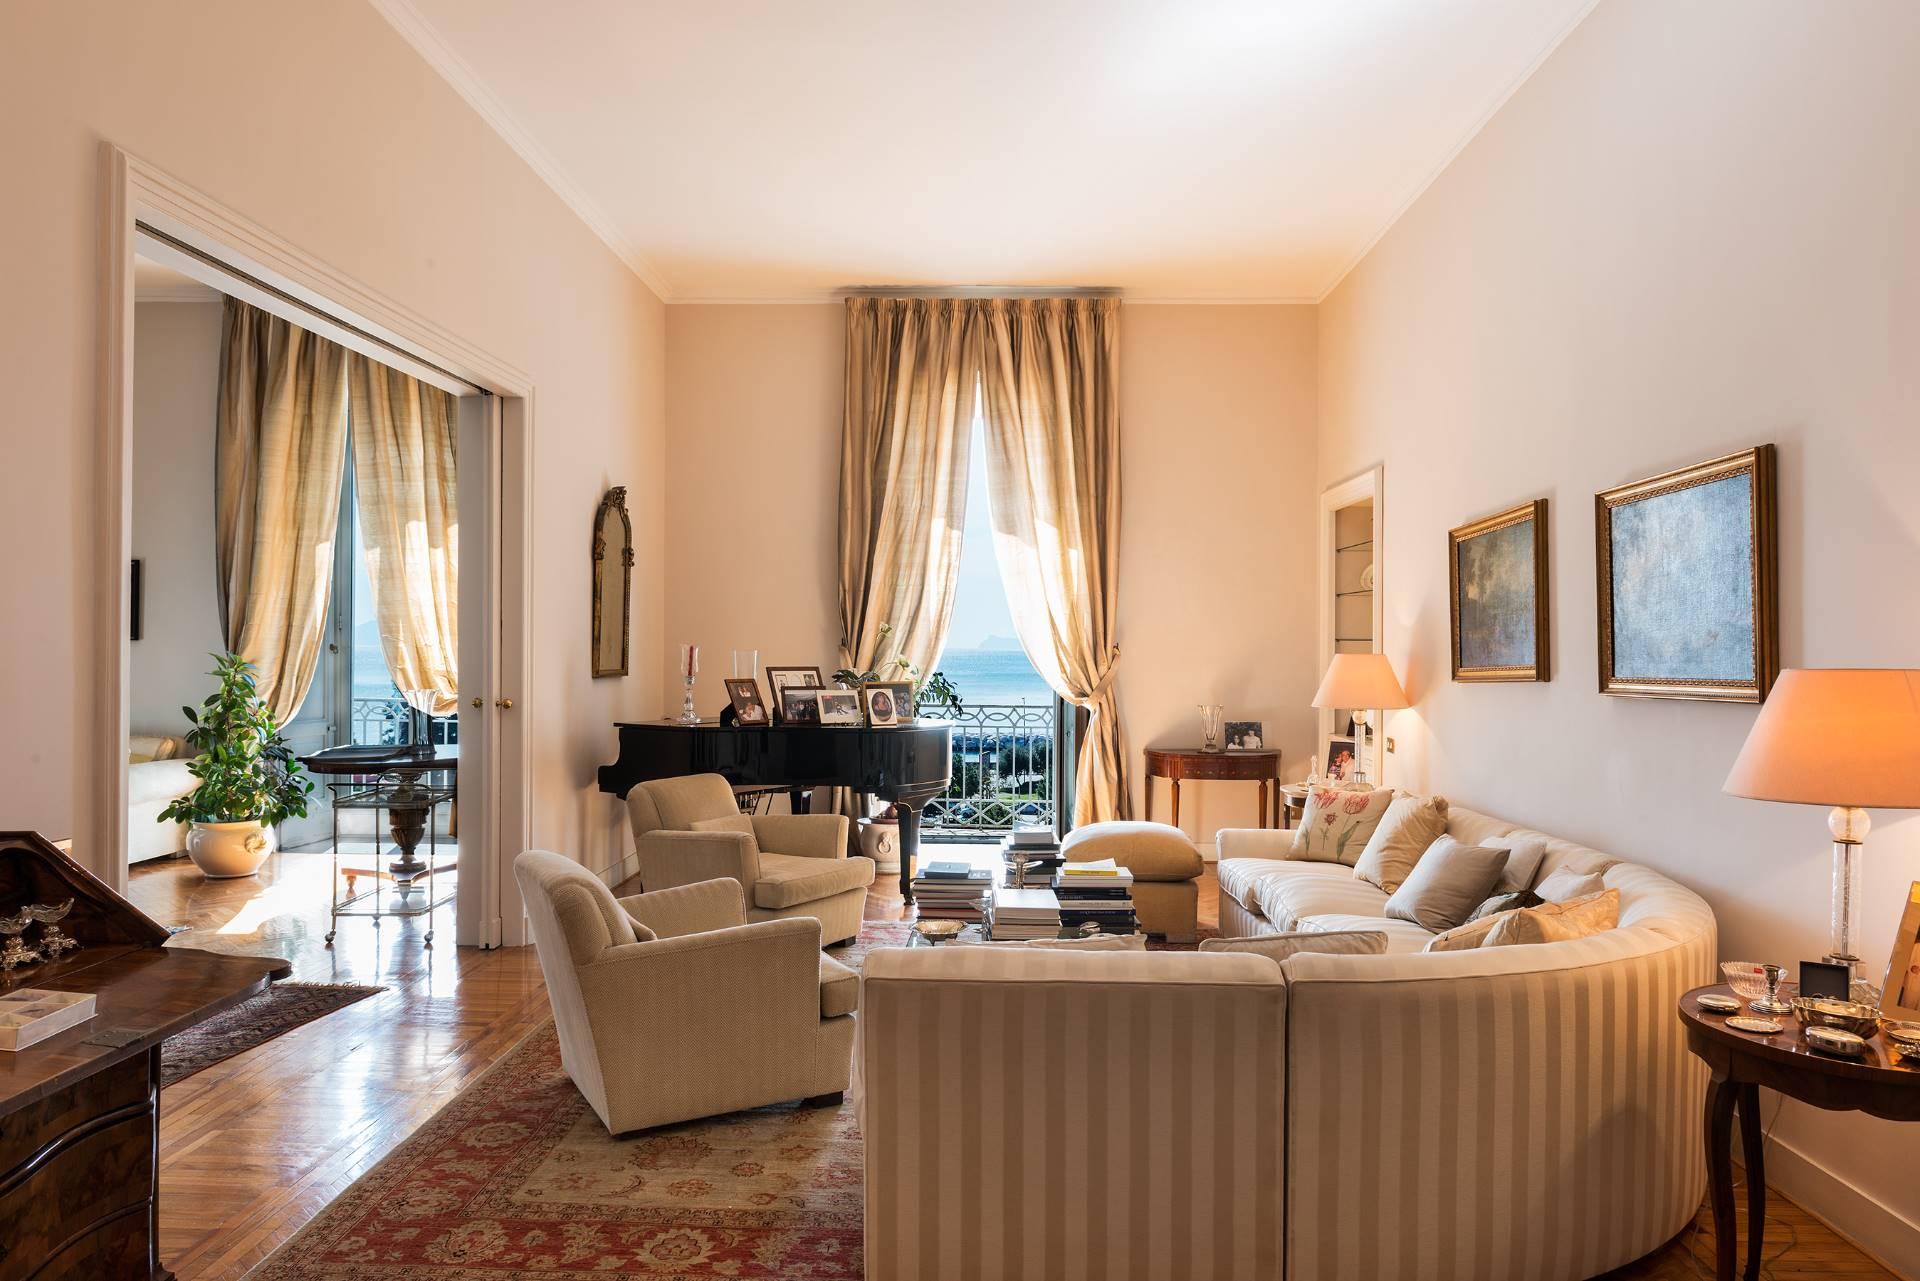 Appartamento in Vendita a Napoli rione via del sirignano